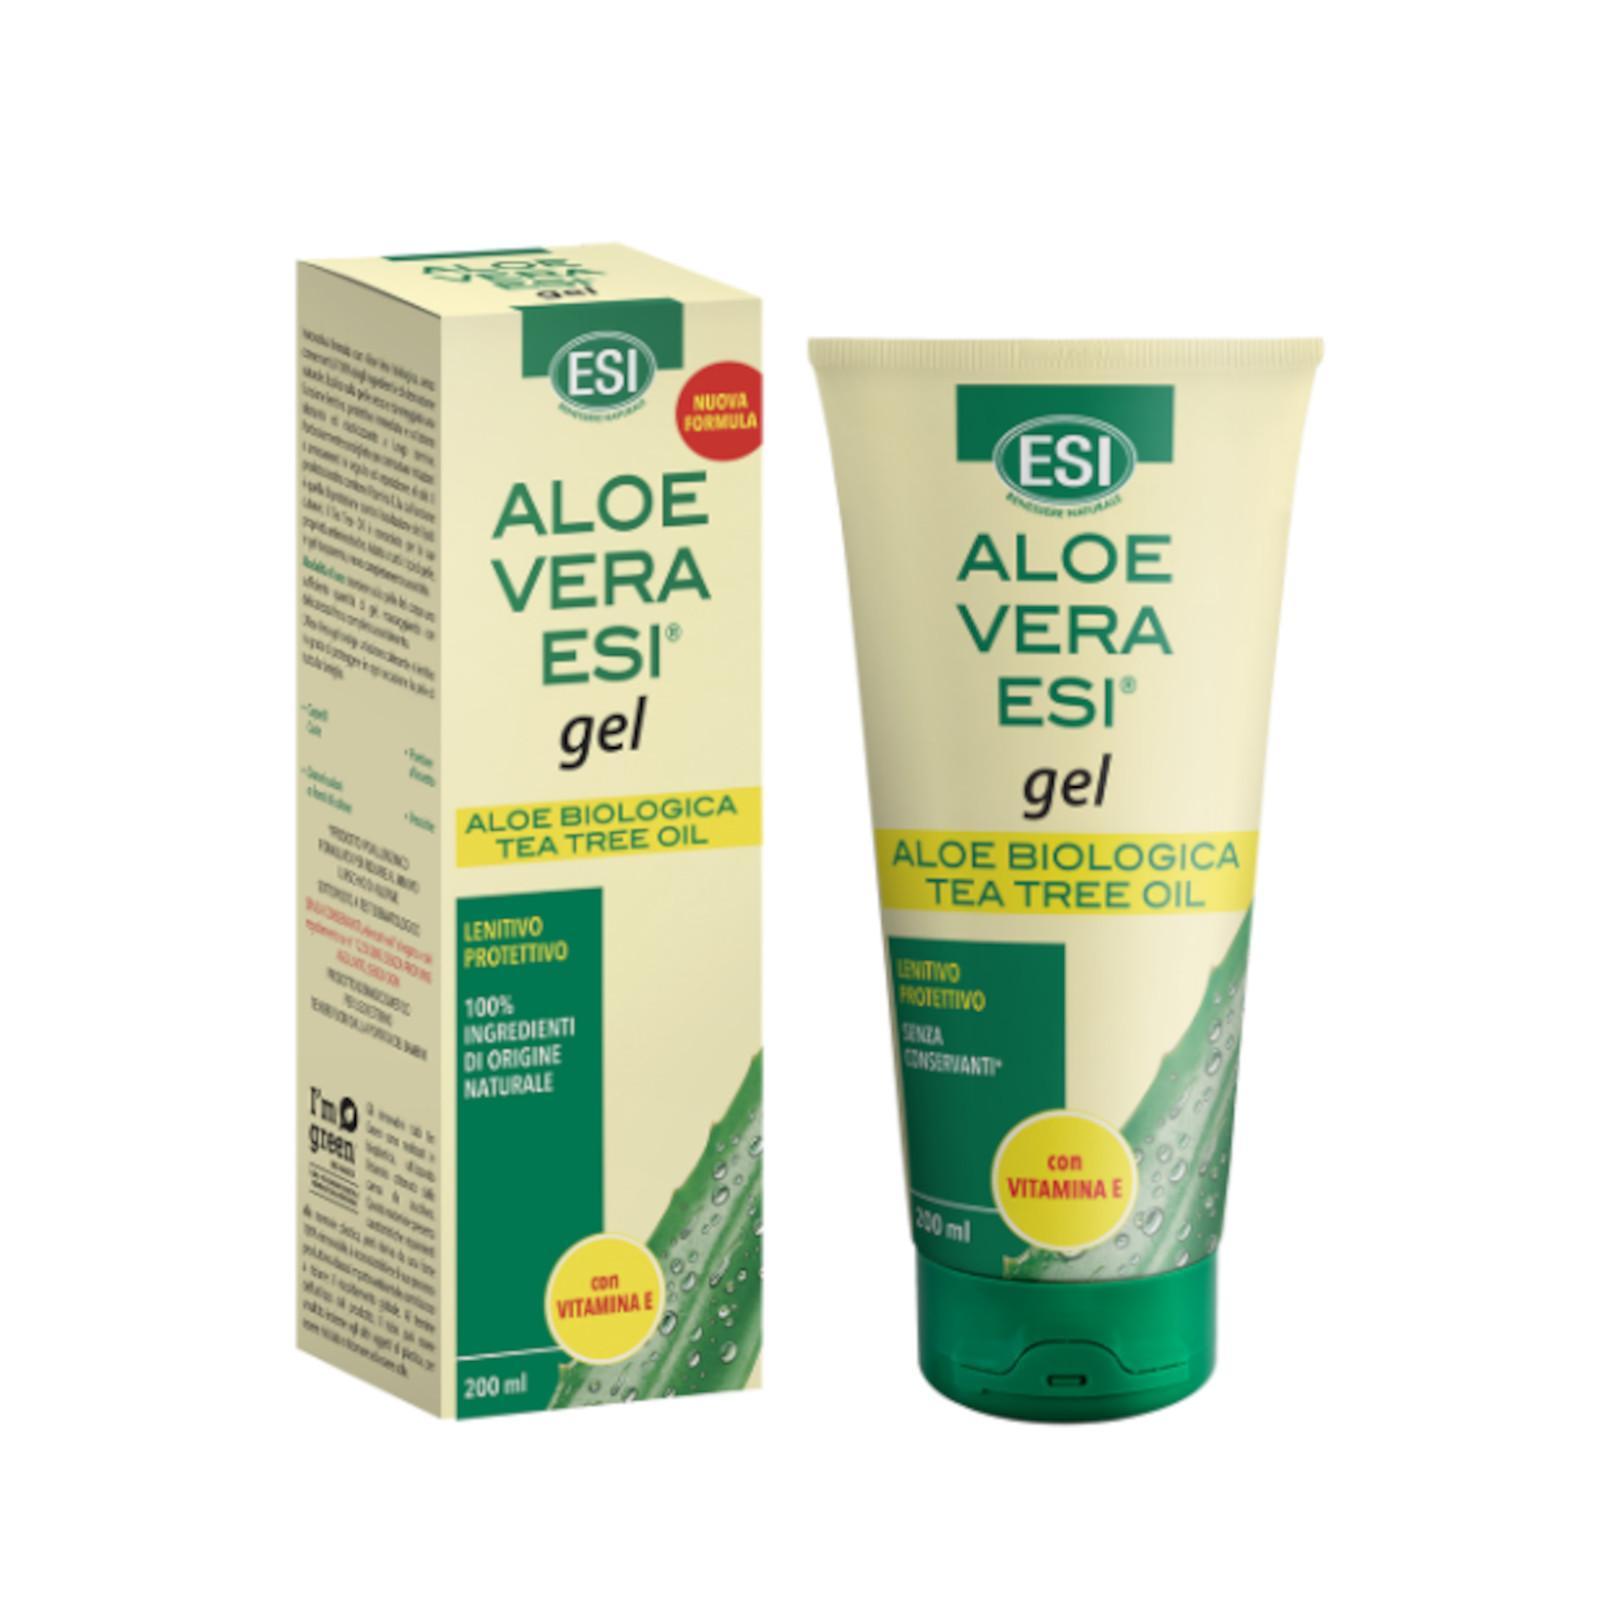 ESI Aloe vera gel s vitaminem E a teatree 200 ml